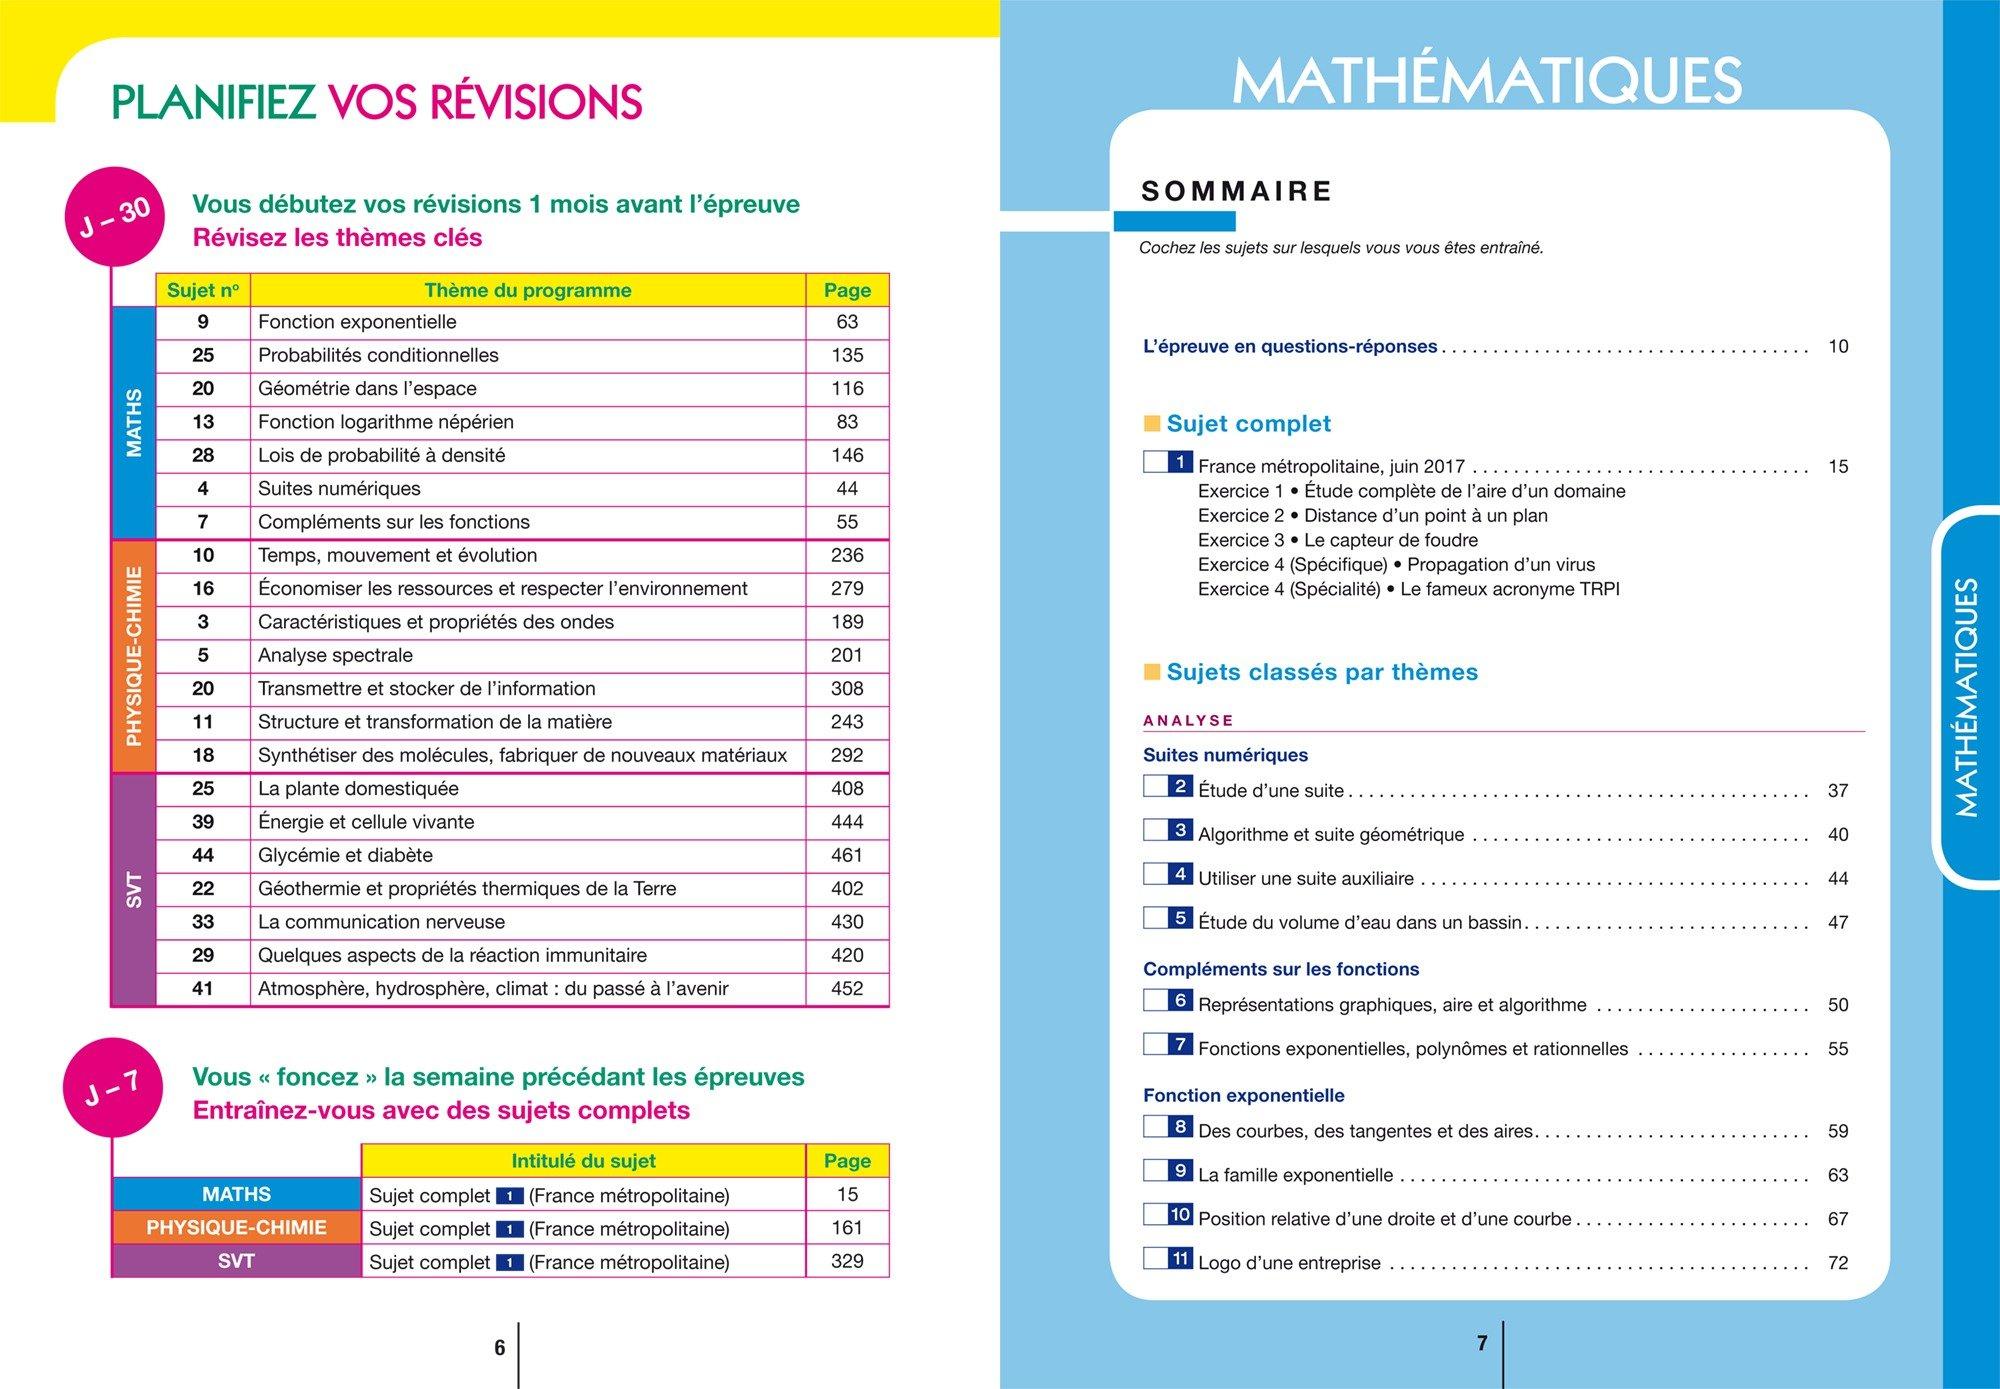 Annales Annabac 2018 Lintégrale Bac S: sujets et corrigés en maths, physique-chimie et SVT: Amazon.es: Hervé Kazmierczak, Christophe Roland, Jérôme Fréret, ...